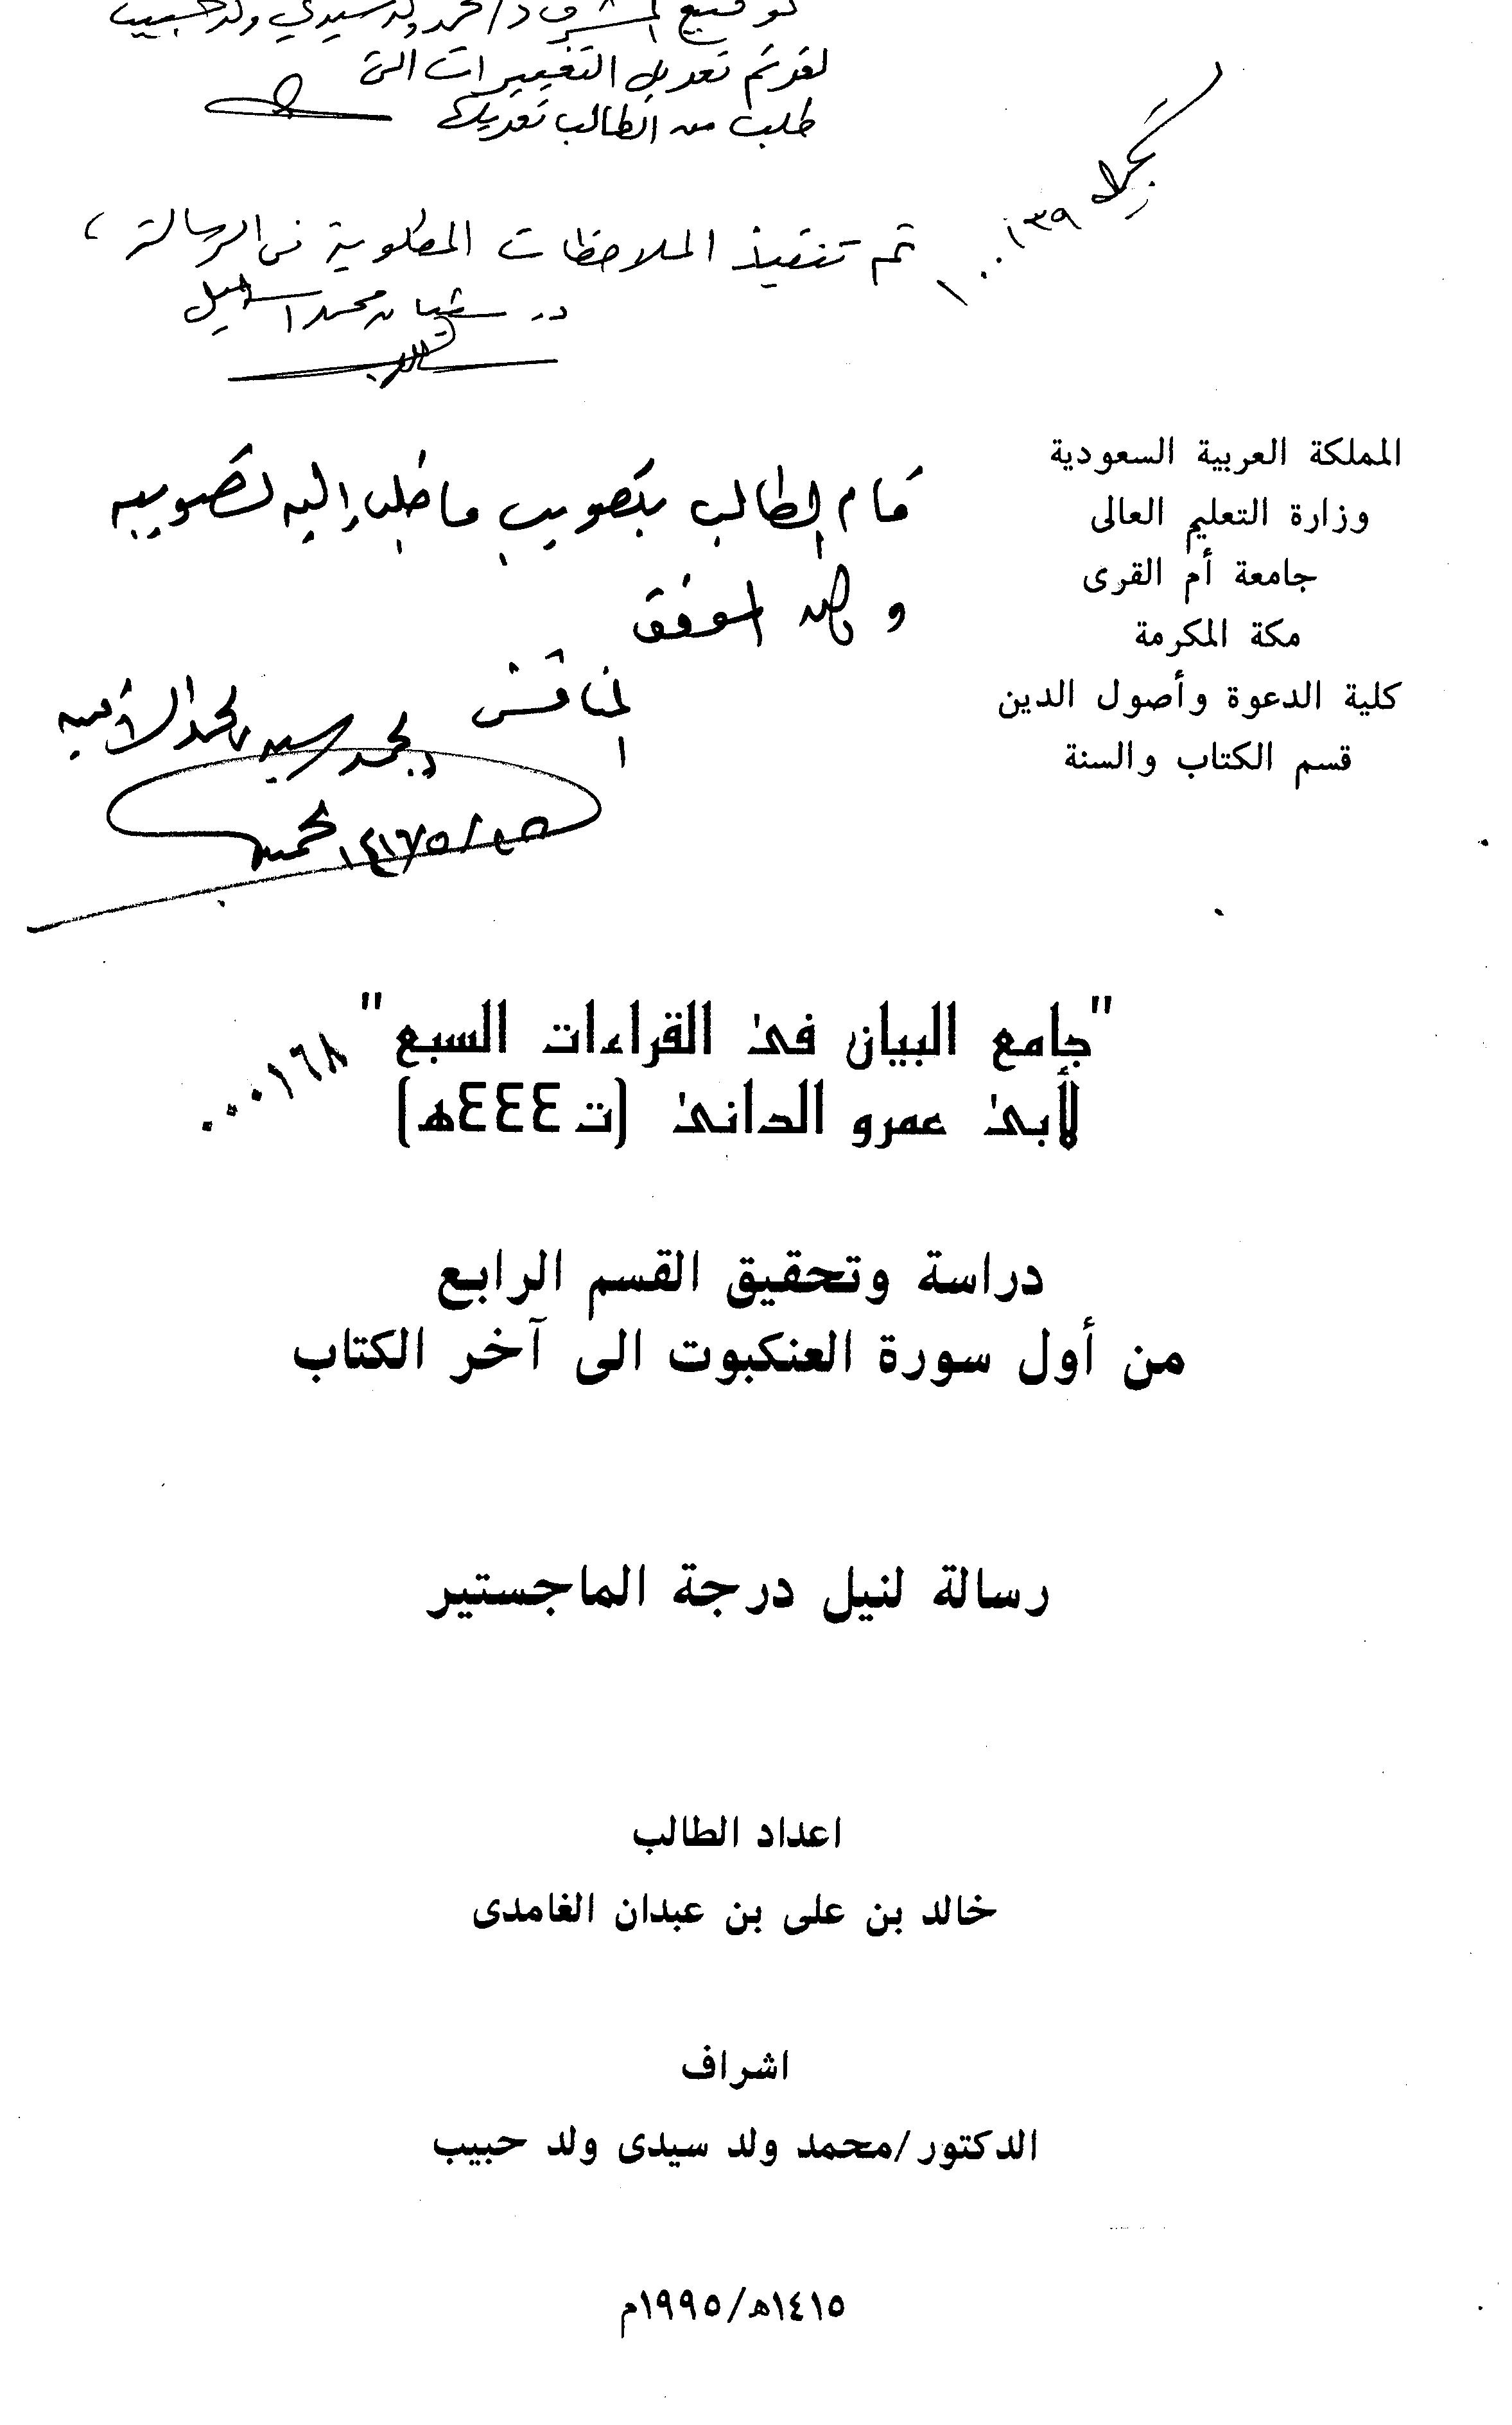 تحميل كتاب جامع البيان في القراءات السبع (من أول سورة العنكبوت إلى آخر الكتاب) لـِ: الإمام أبو عمرو عثمان بن سعيد بن عثمان بن عمر الداني (ت 444)